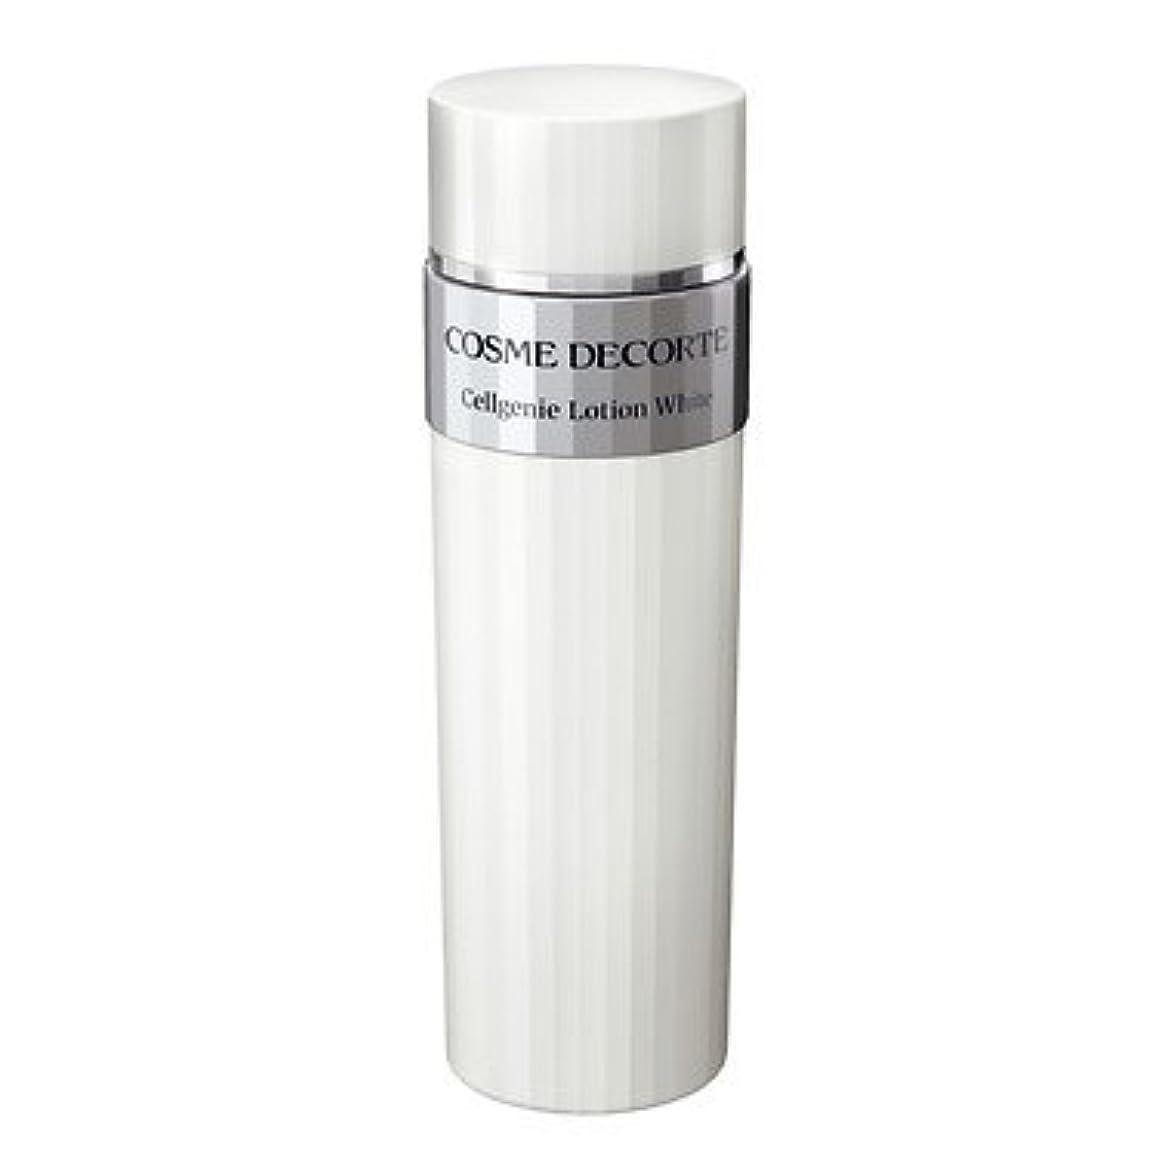 シェーバーステープル眉をひそめるCOSME DECORTE コーセー/KOSE セルジェニーローションホワイト 200ml [362916] [並行輸入品]